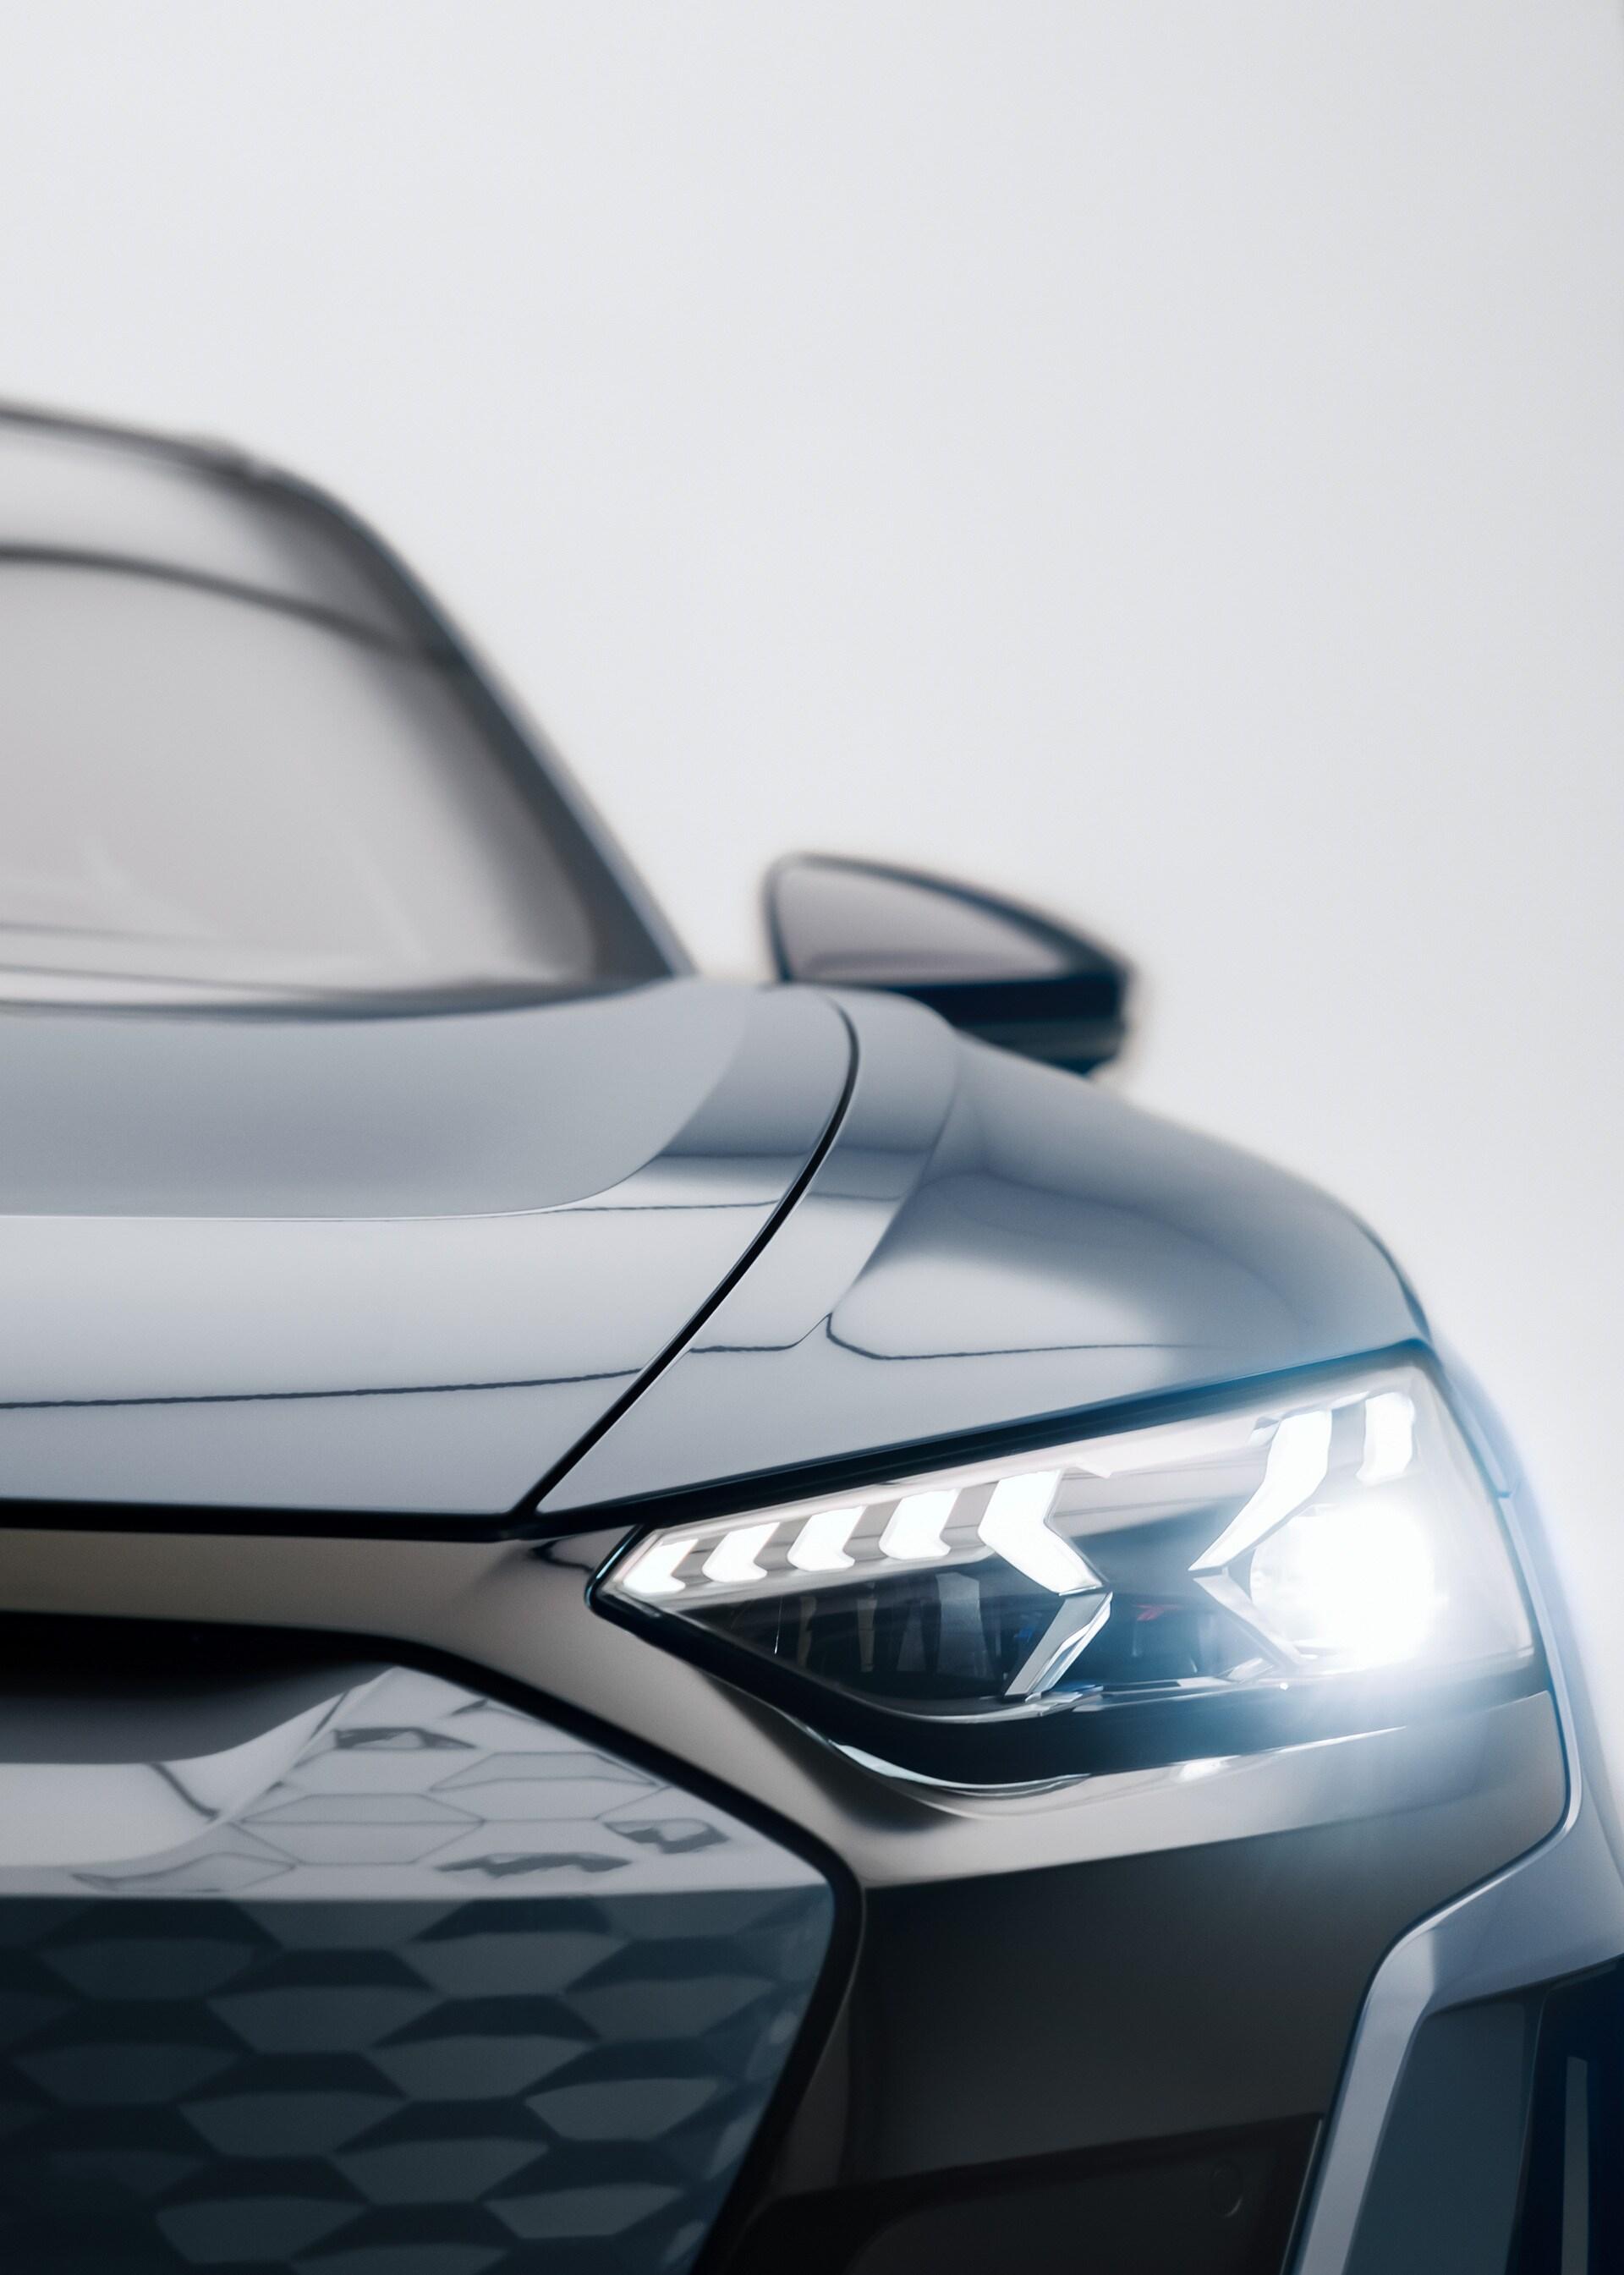 Audi RS e-tron v 'kemorsko sivi' odspredaj.